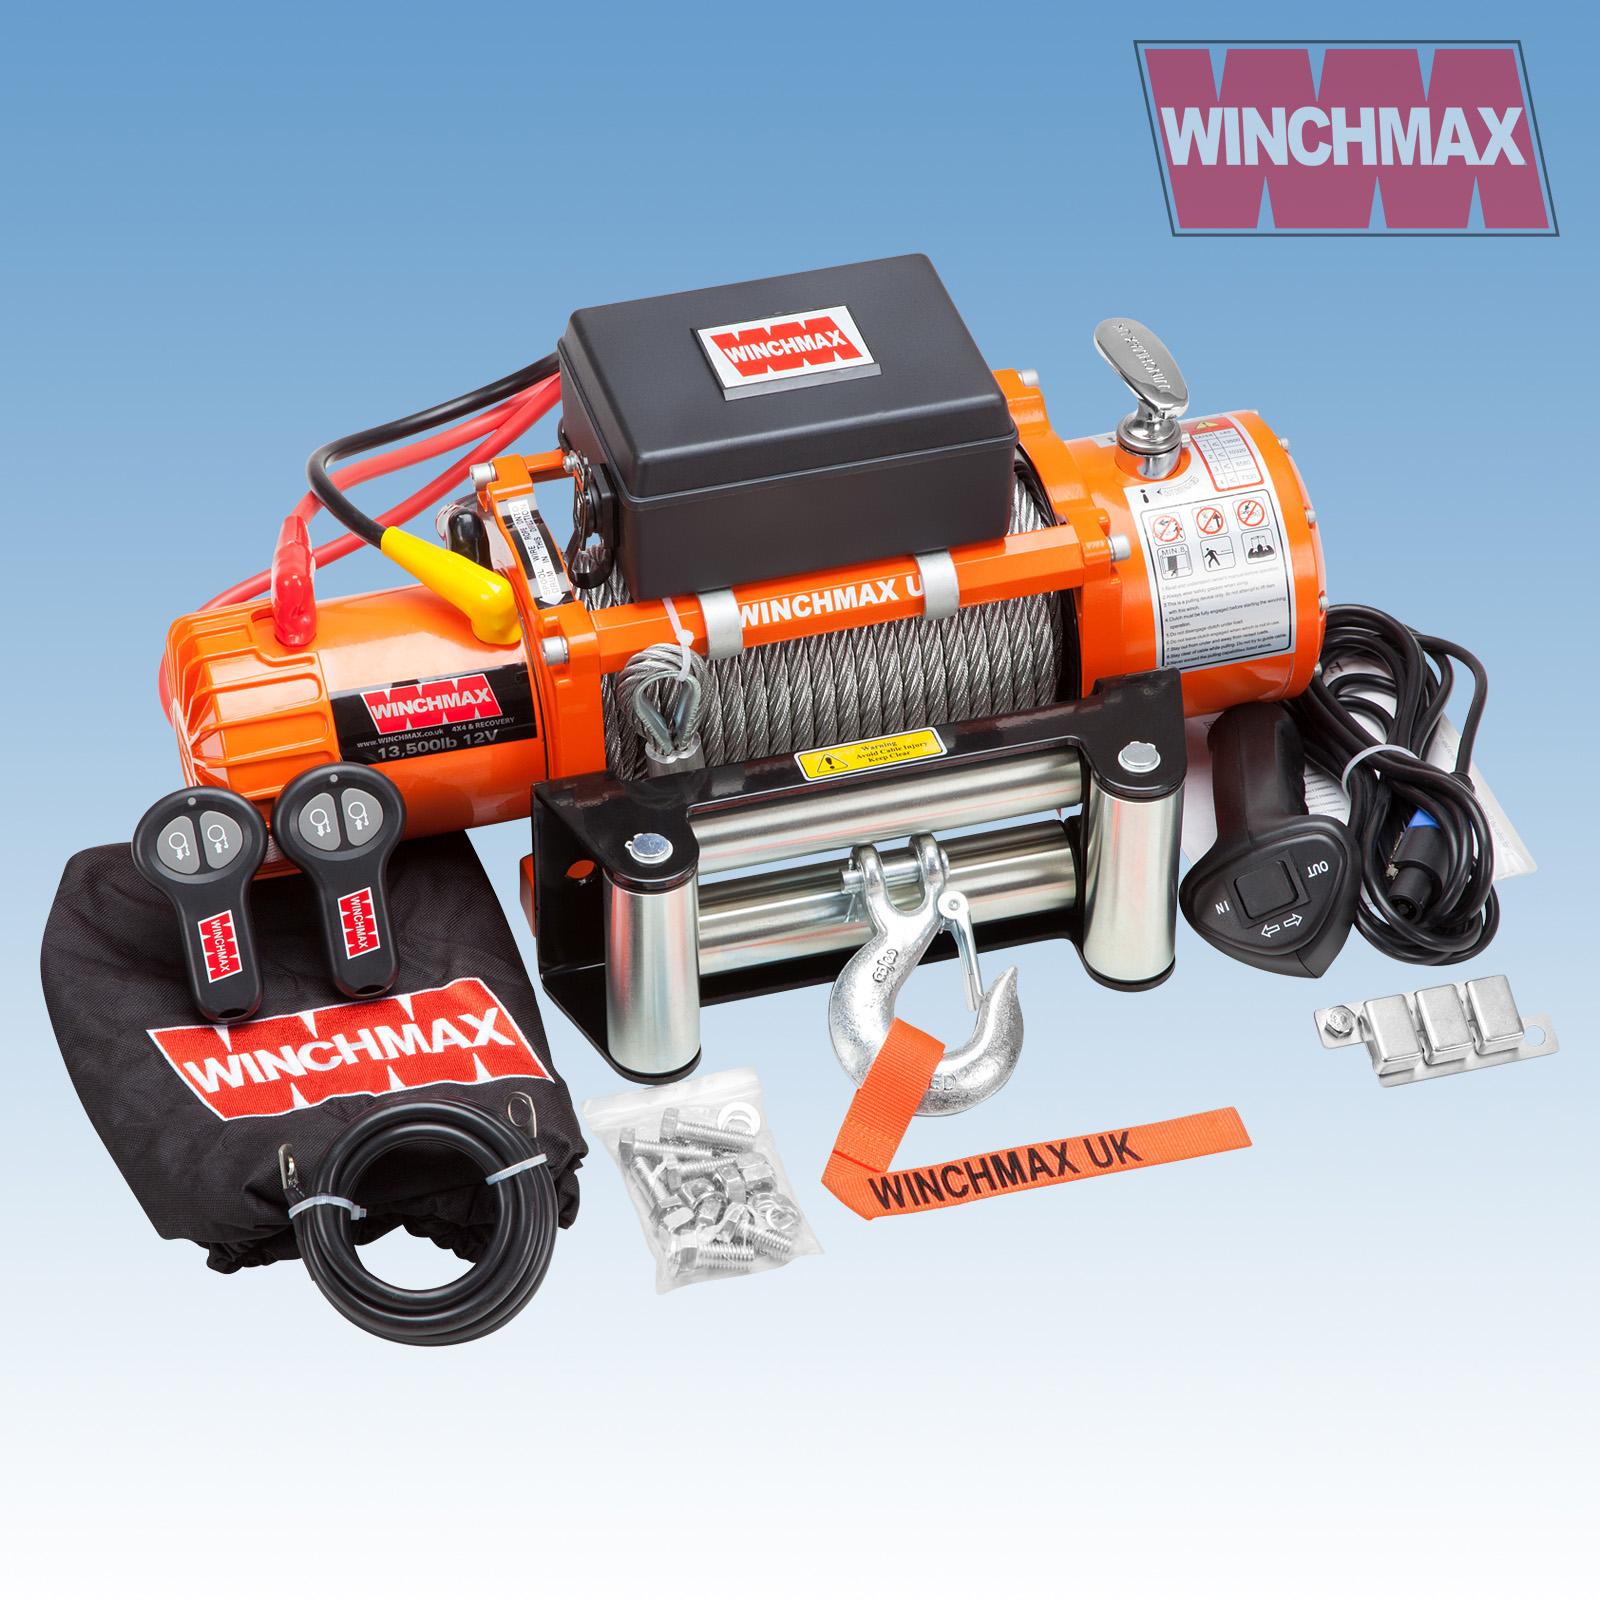 Wm1350012v winchmax 523